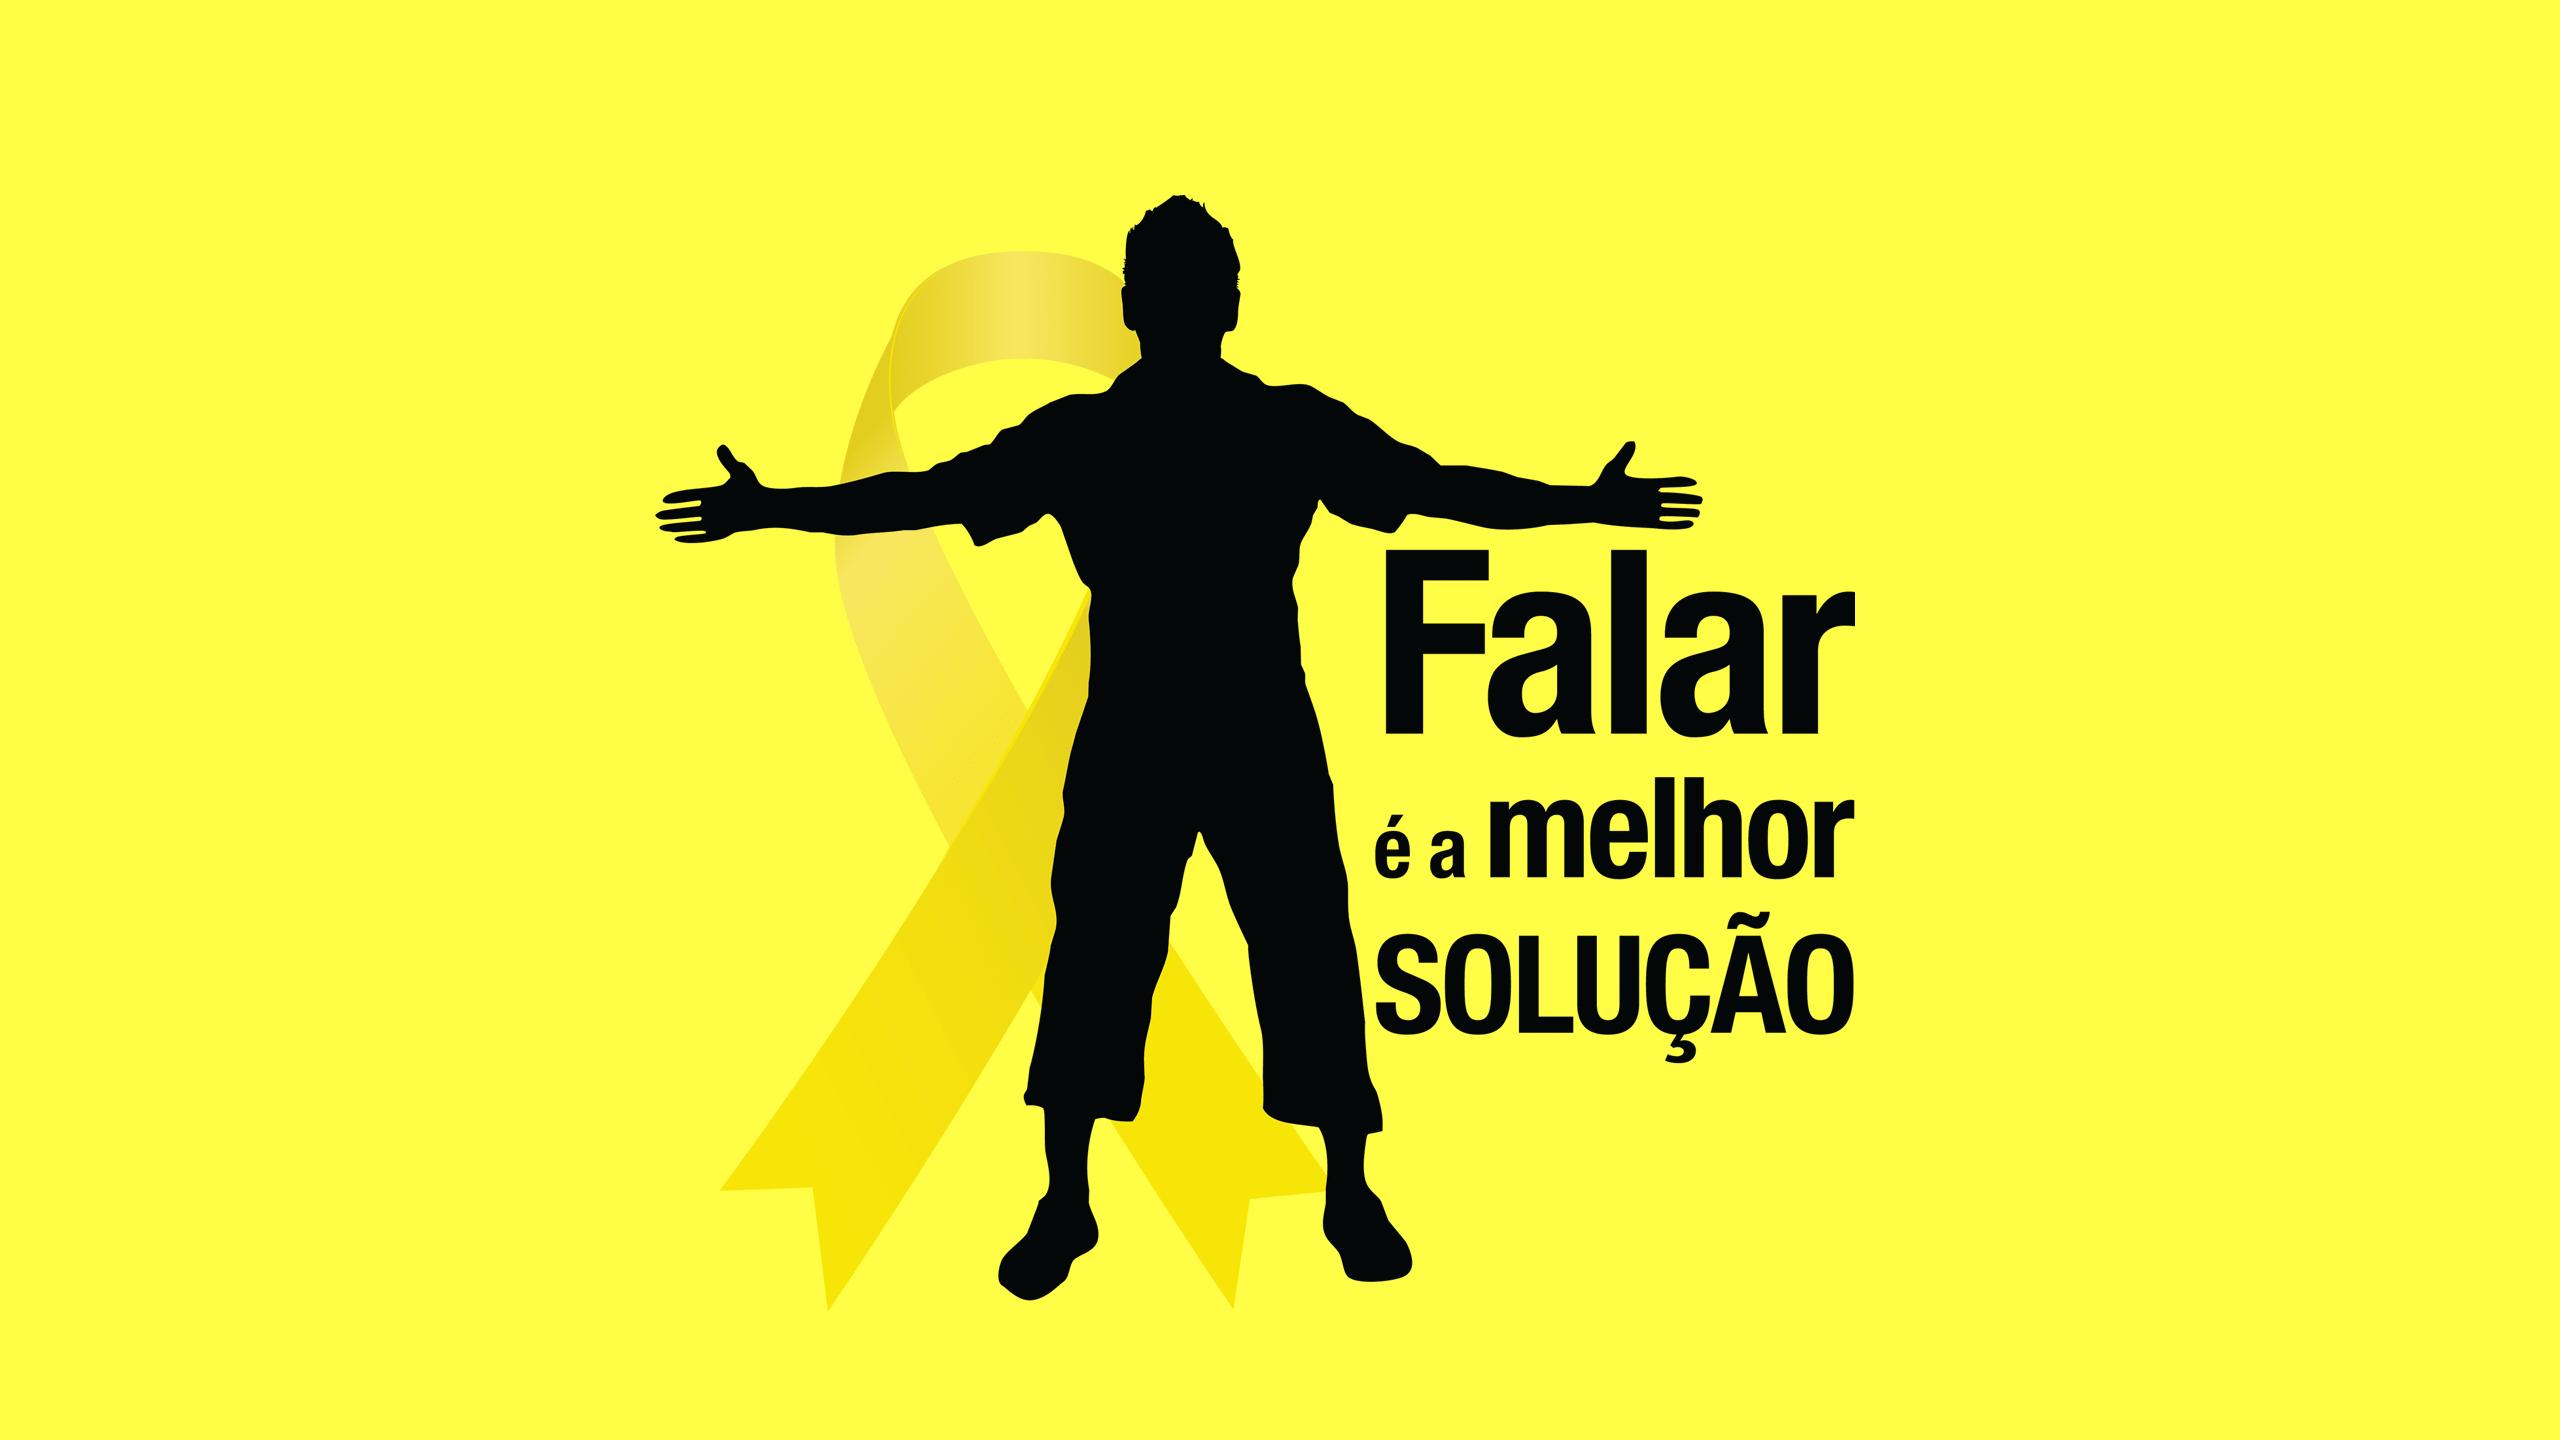 Fundo amarelo, logotipo Setembro Amarelo. Ícone pessoa com braços abertos, laço na cor amarela - texto: Falar é a melhor solução!